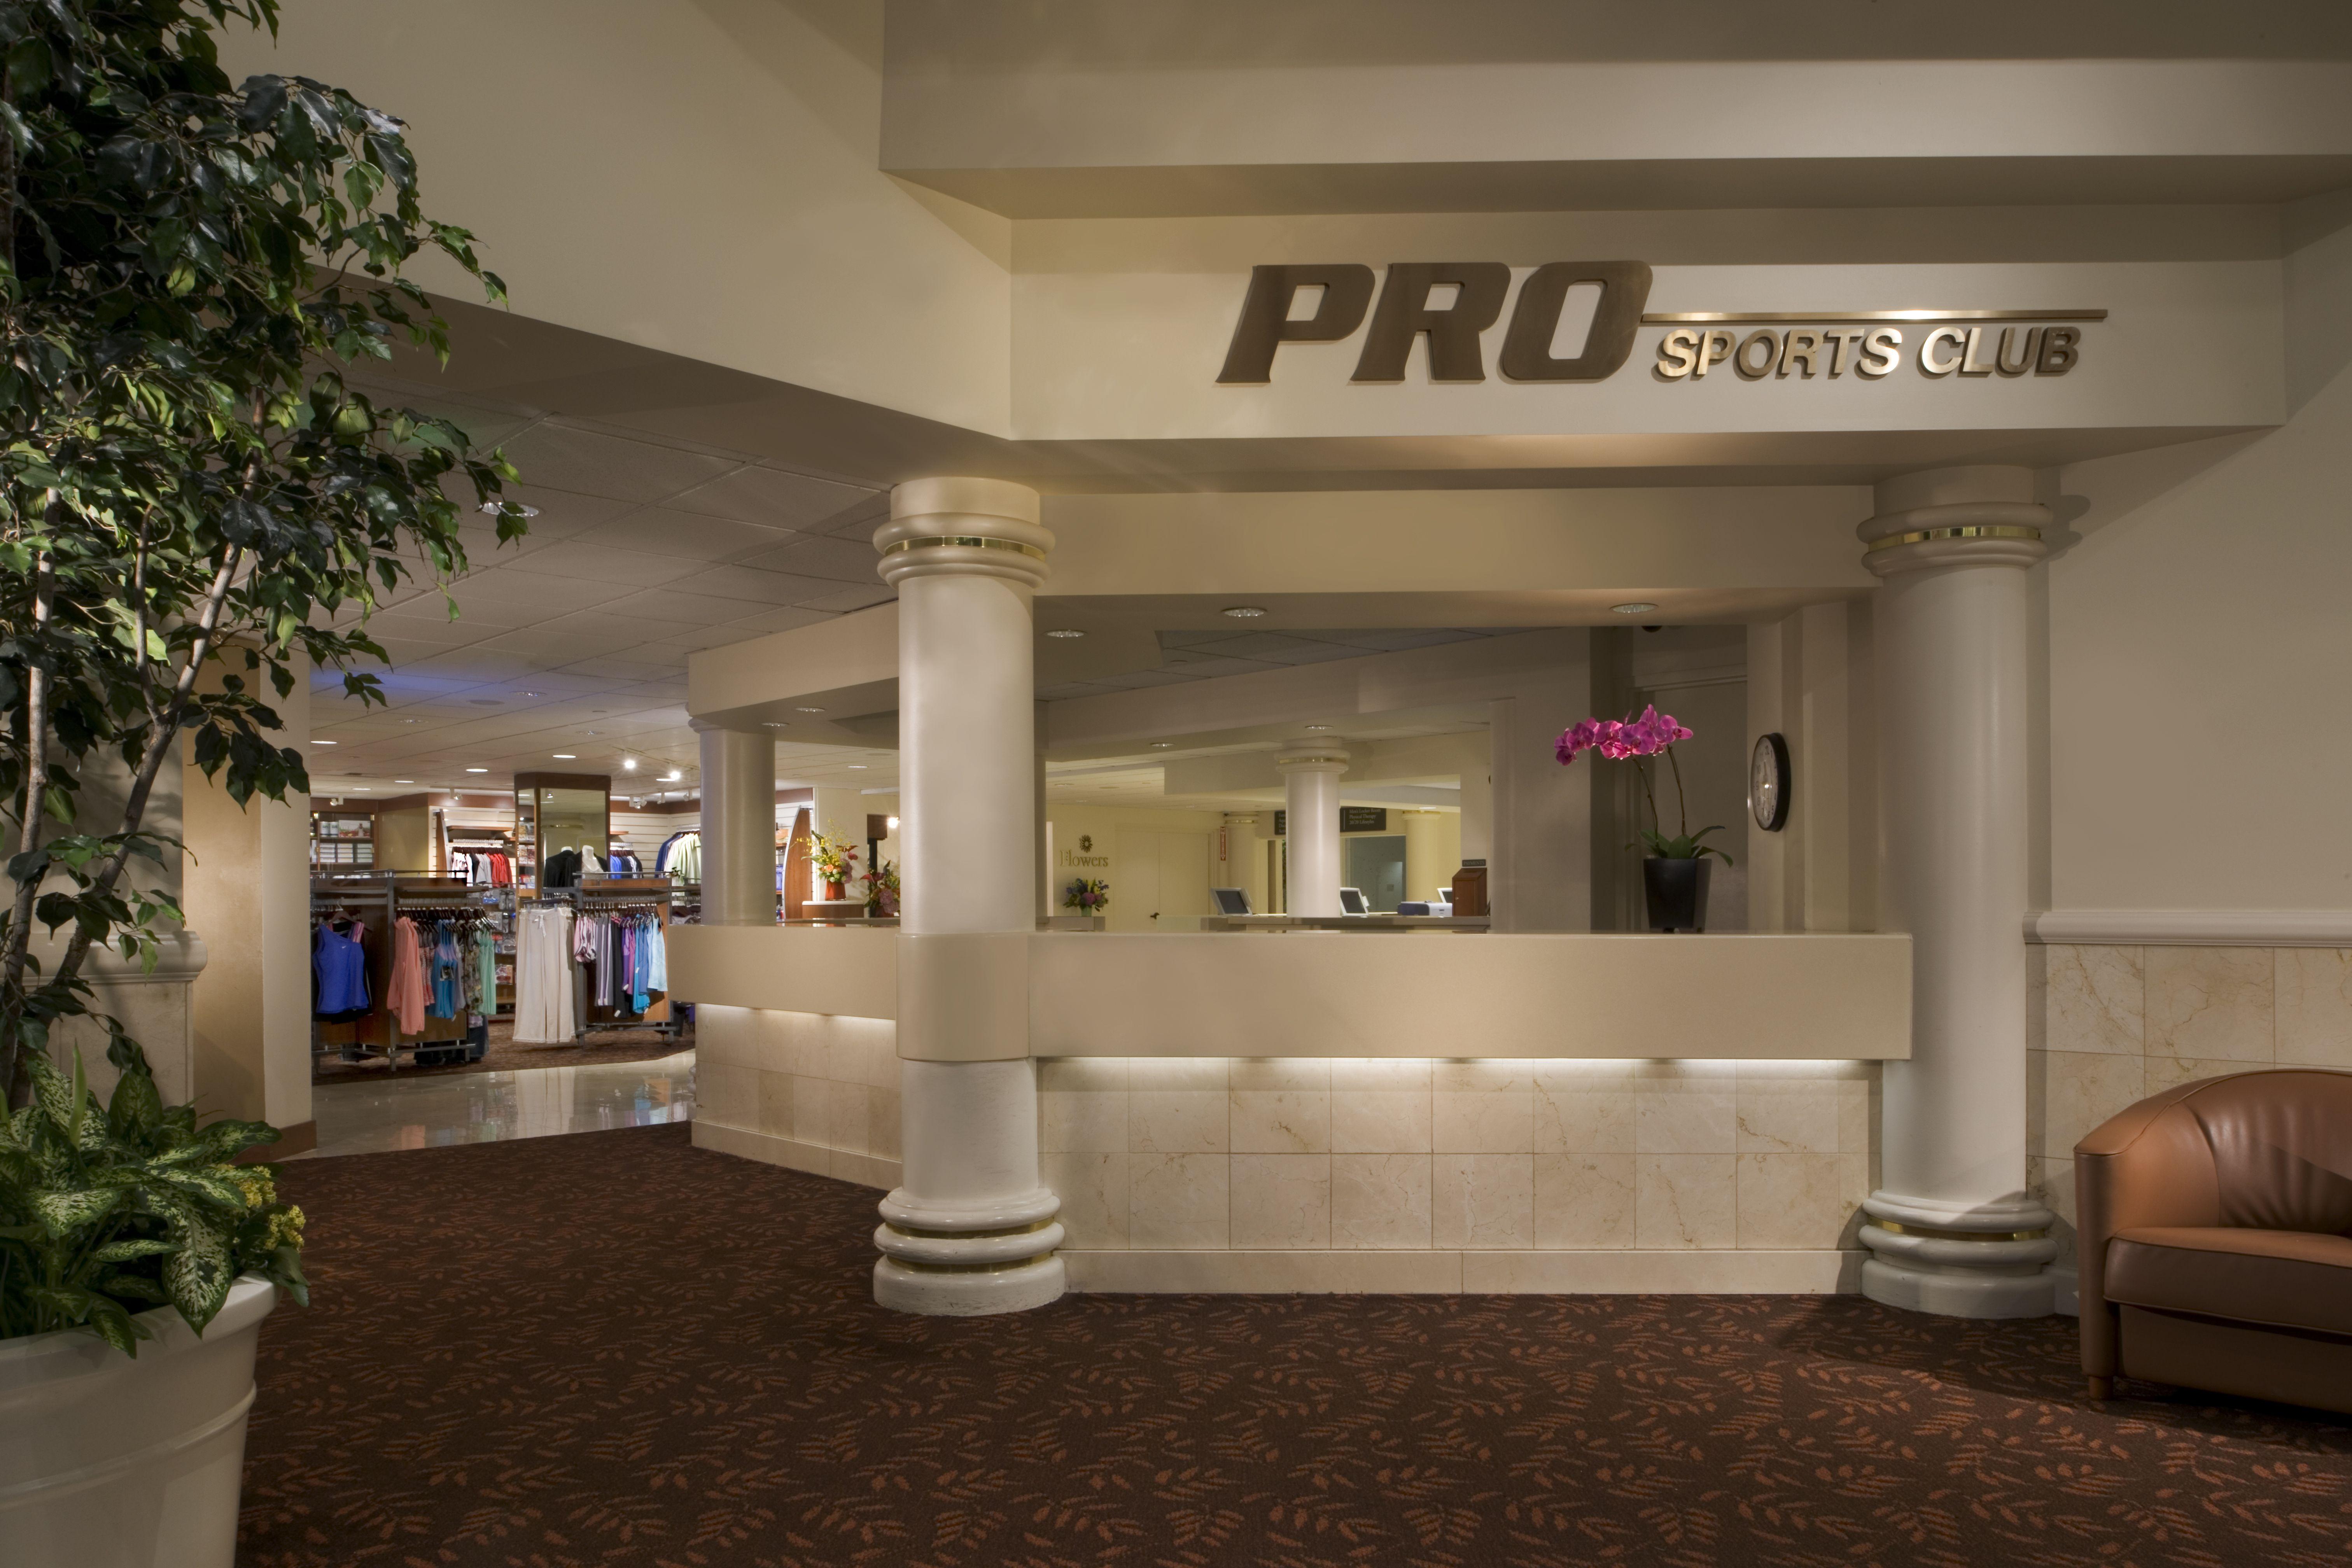 PRO Sports Club in Bellevue